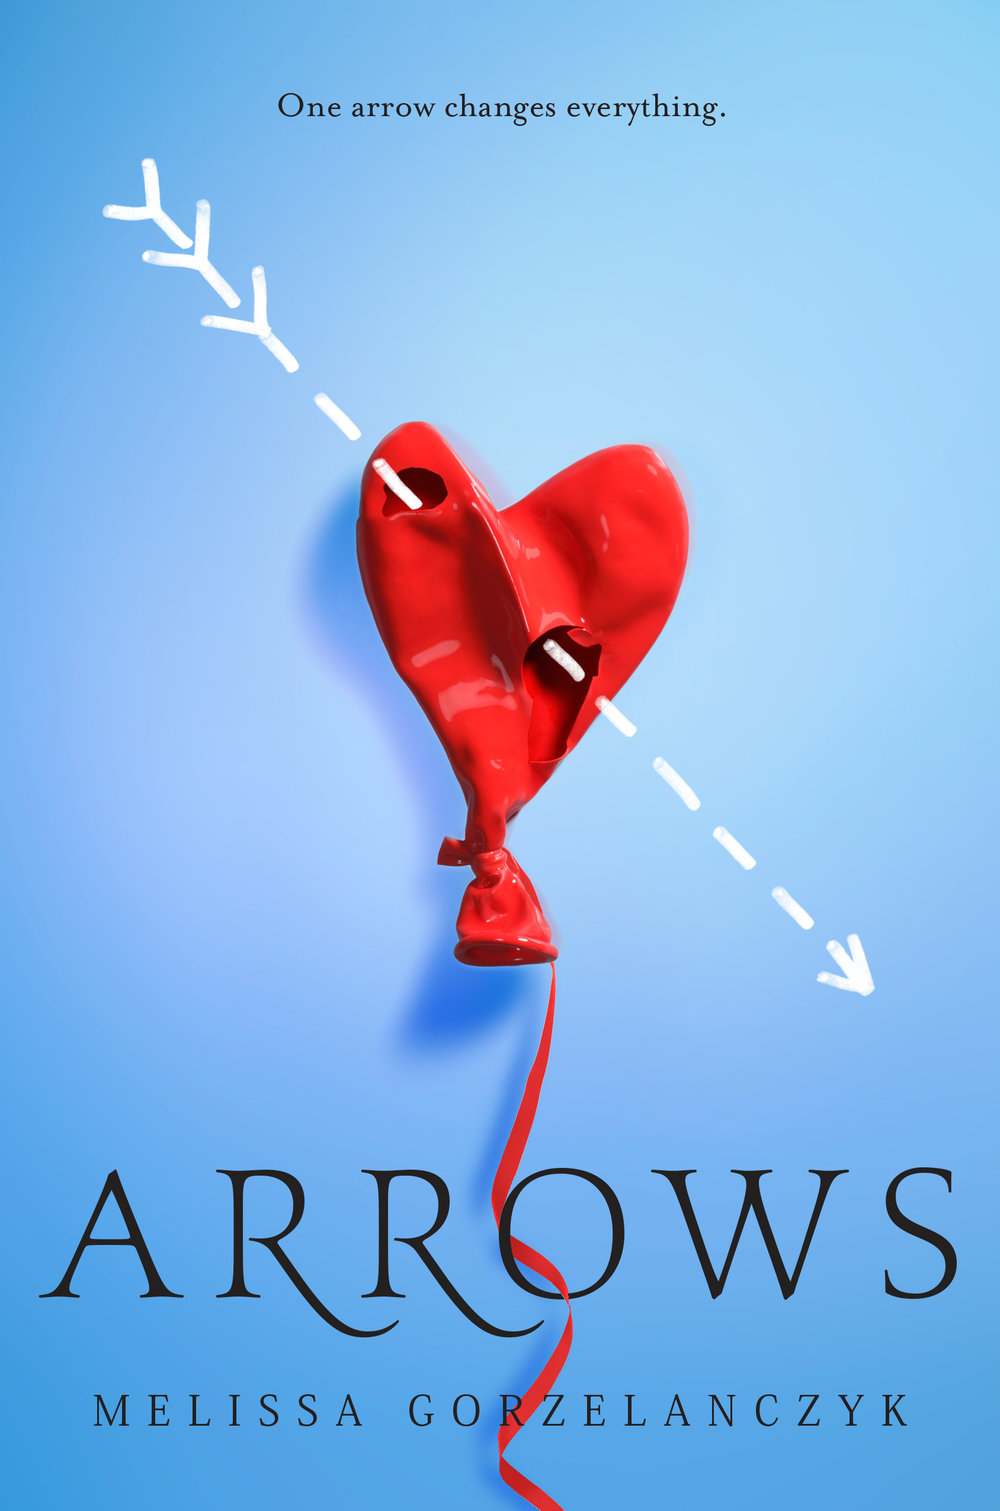 Arrows FINAL2 copy copy.jpg